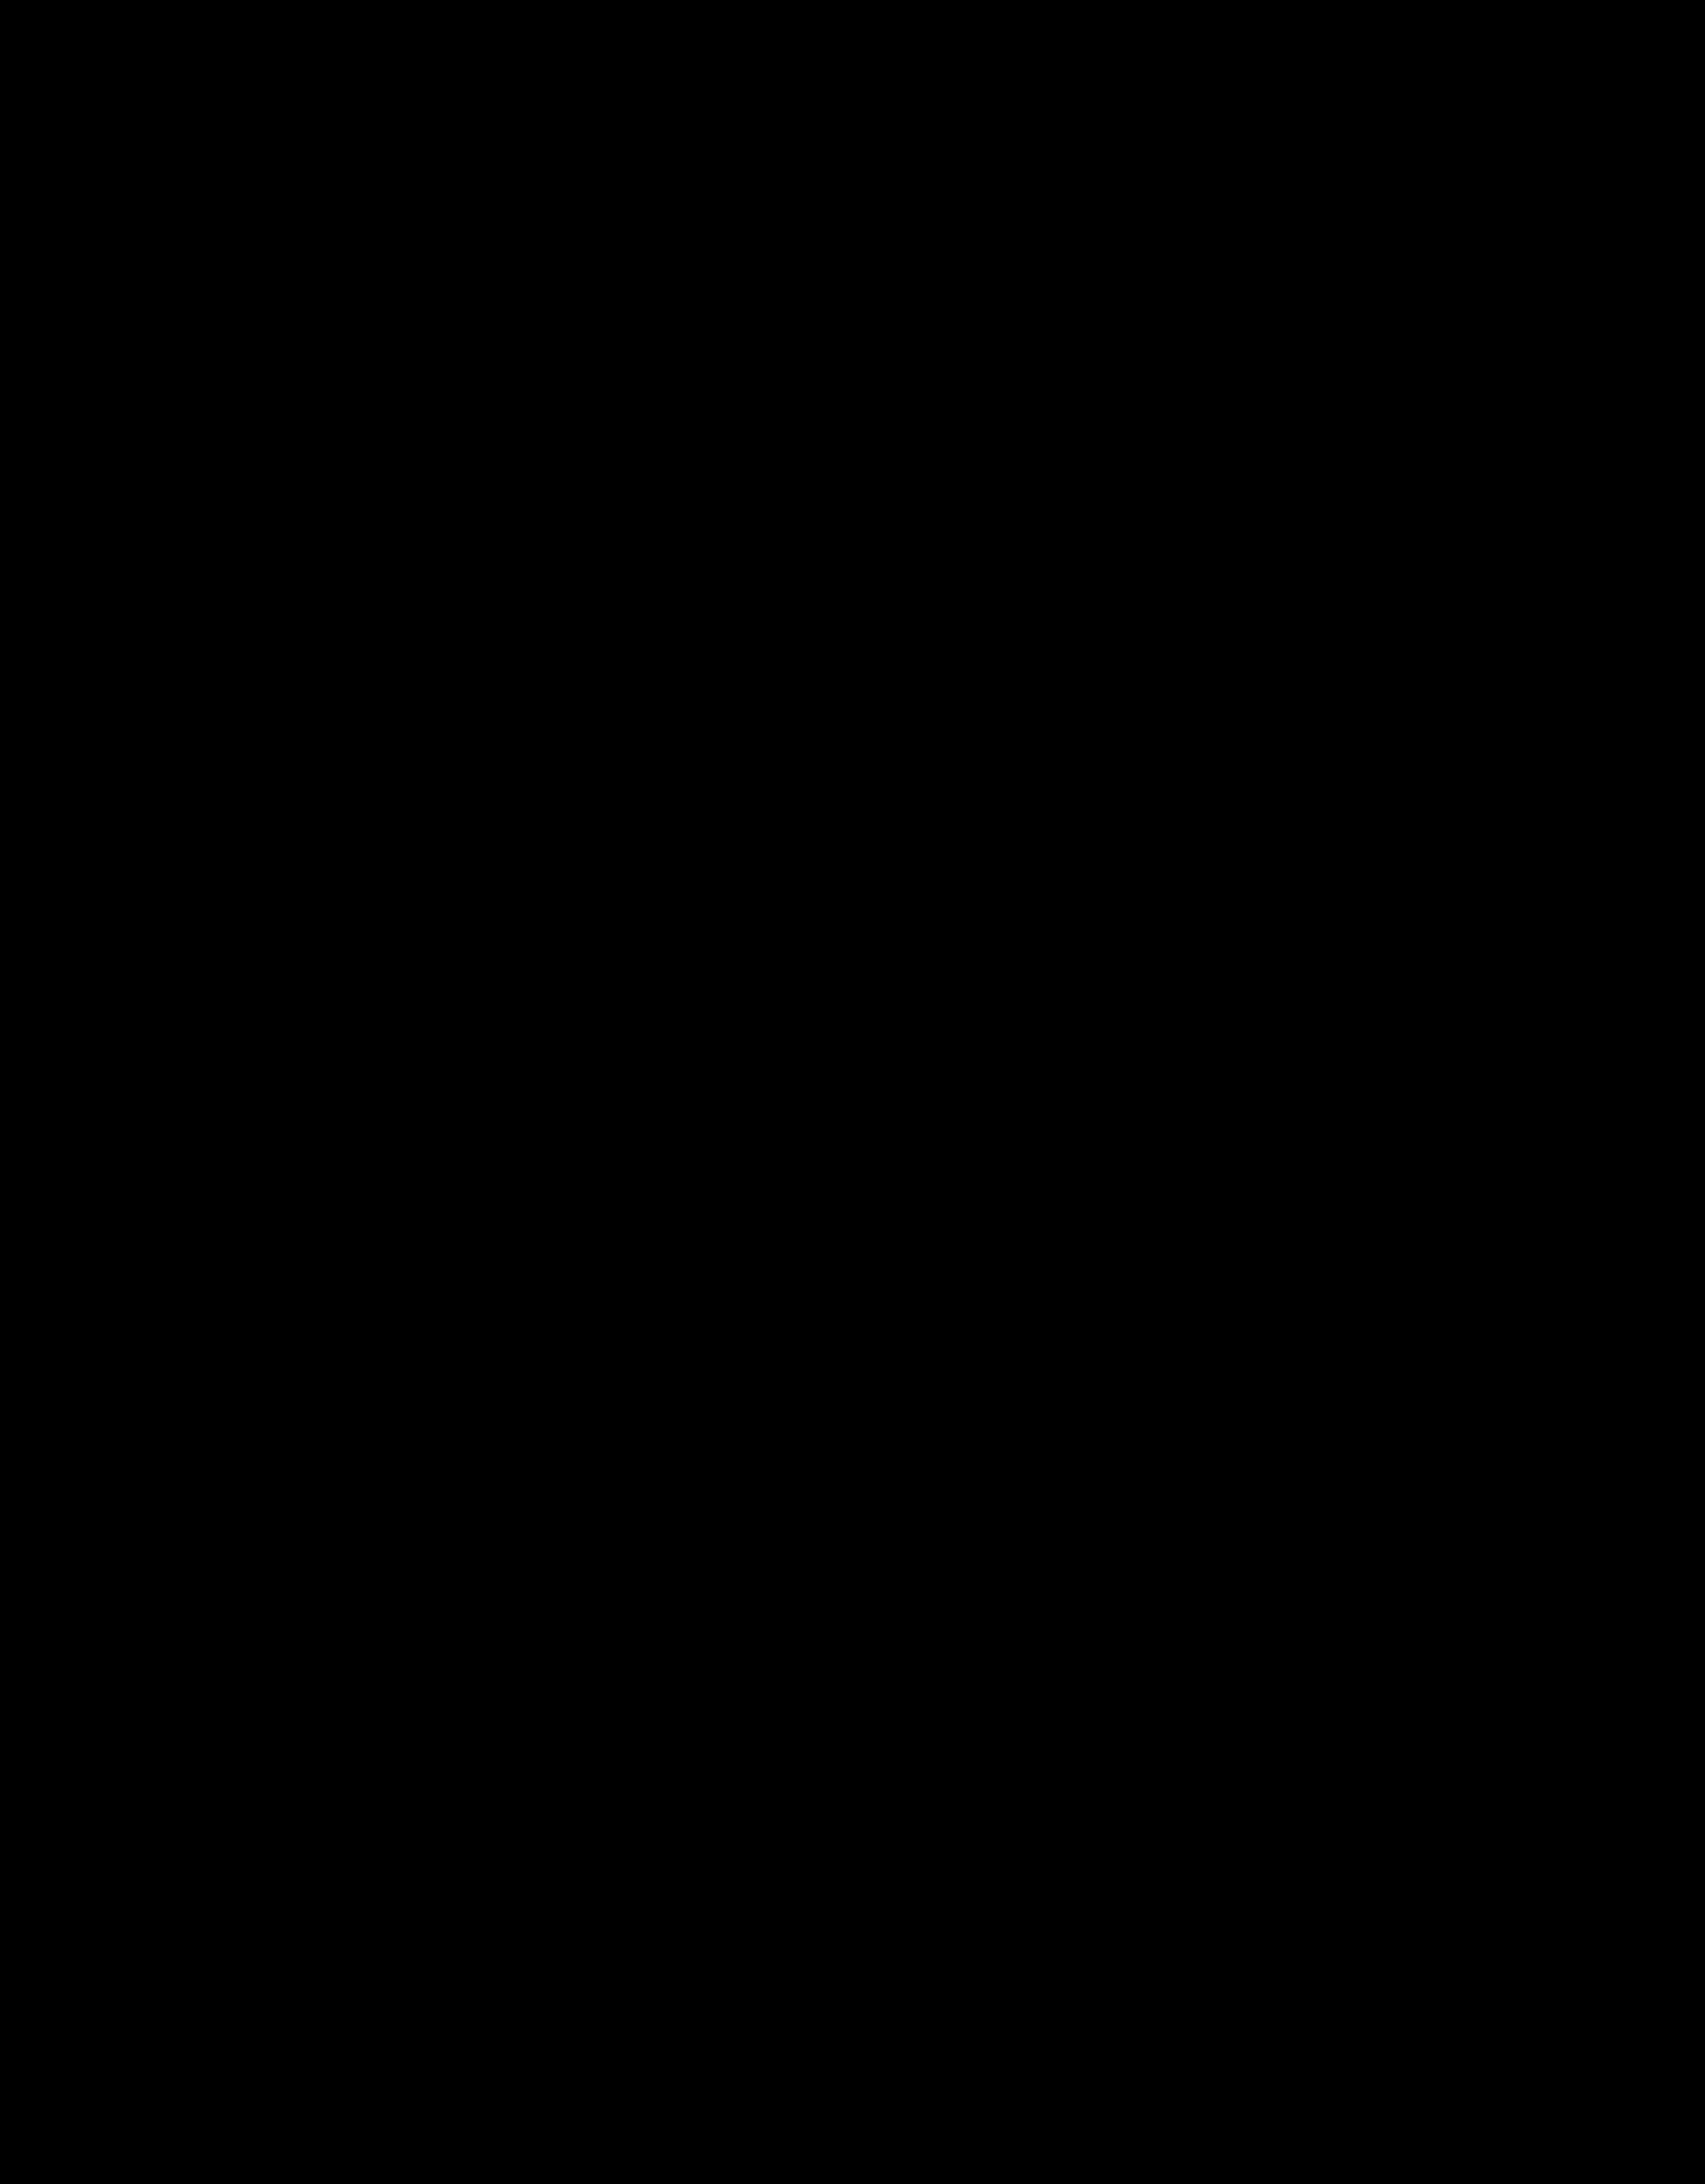 黒鍵のエチュード楽譜